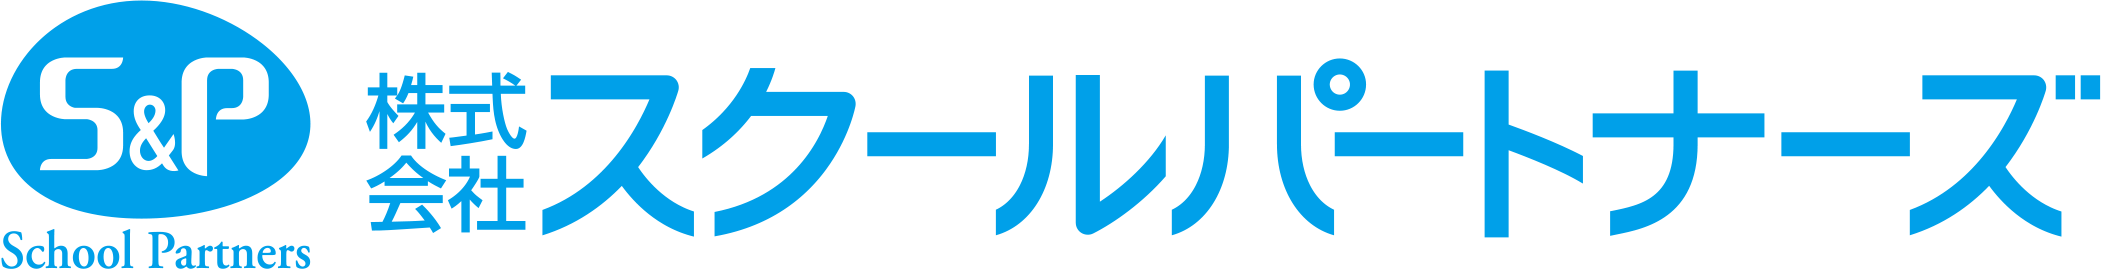 株式会社スクールパートナーズ